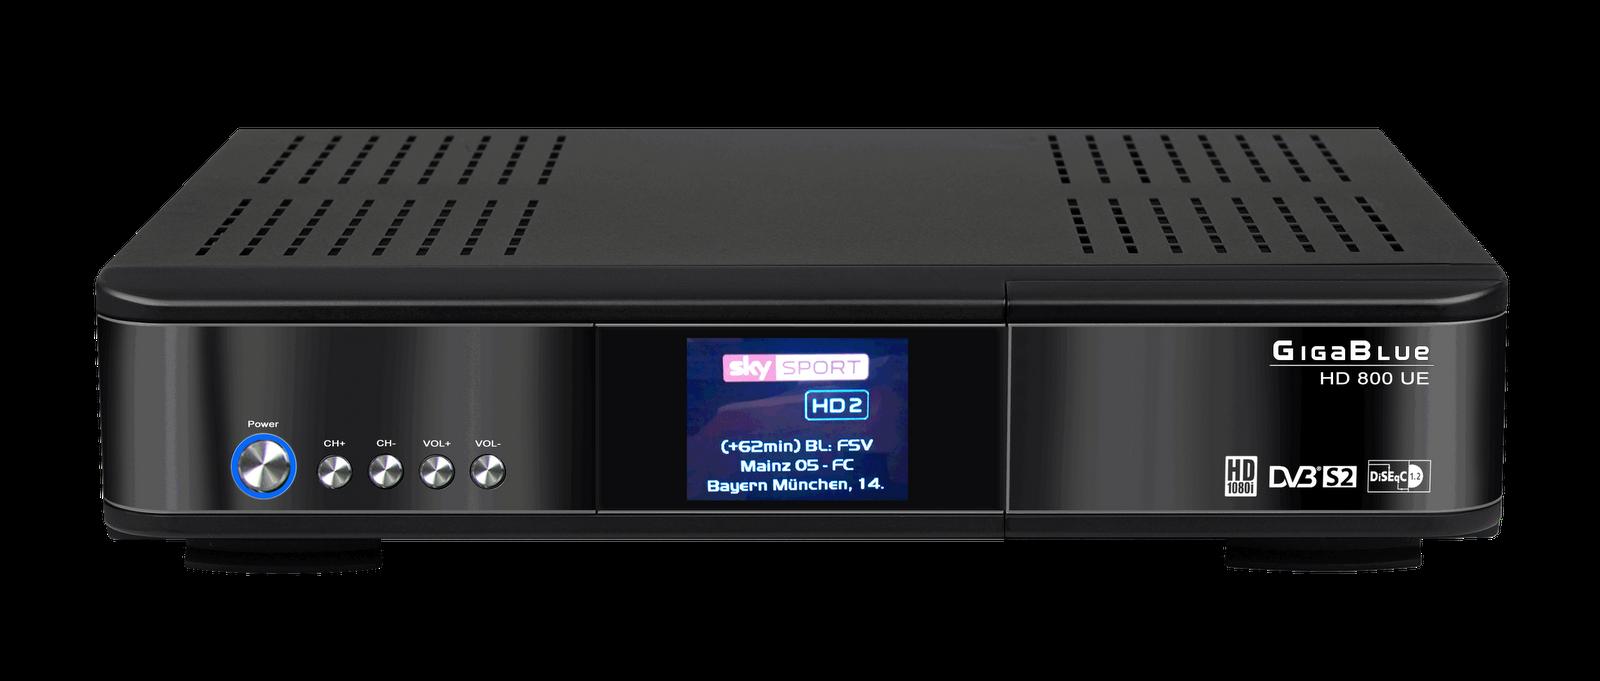 Colocar CS GigaBlueHD800UE 3 ATUALIZAÇÃO GIGABLUE HD 800 UE (versão: 4.2 ) 09/11/2015 comprar cs